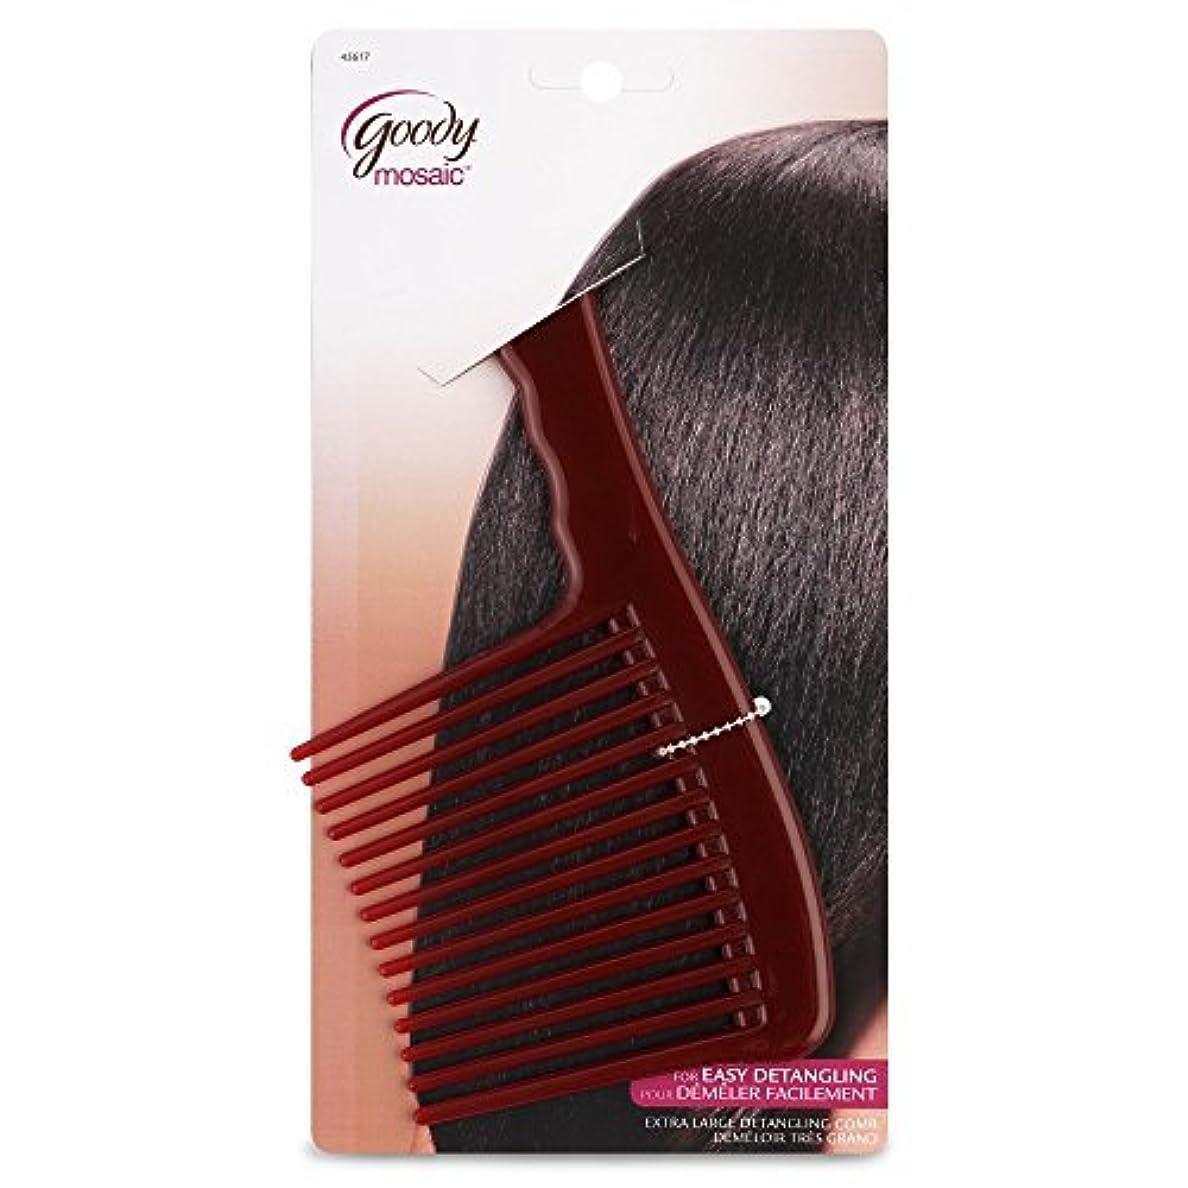 フォーマル文字おとうさんGoody Mosaic Comb, Detangling Hair Rake [並行輸入品]